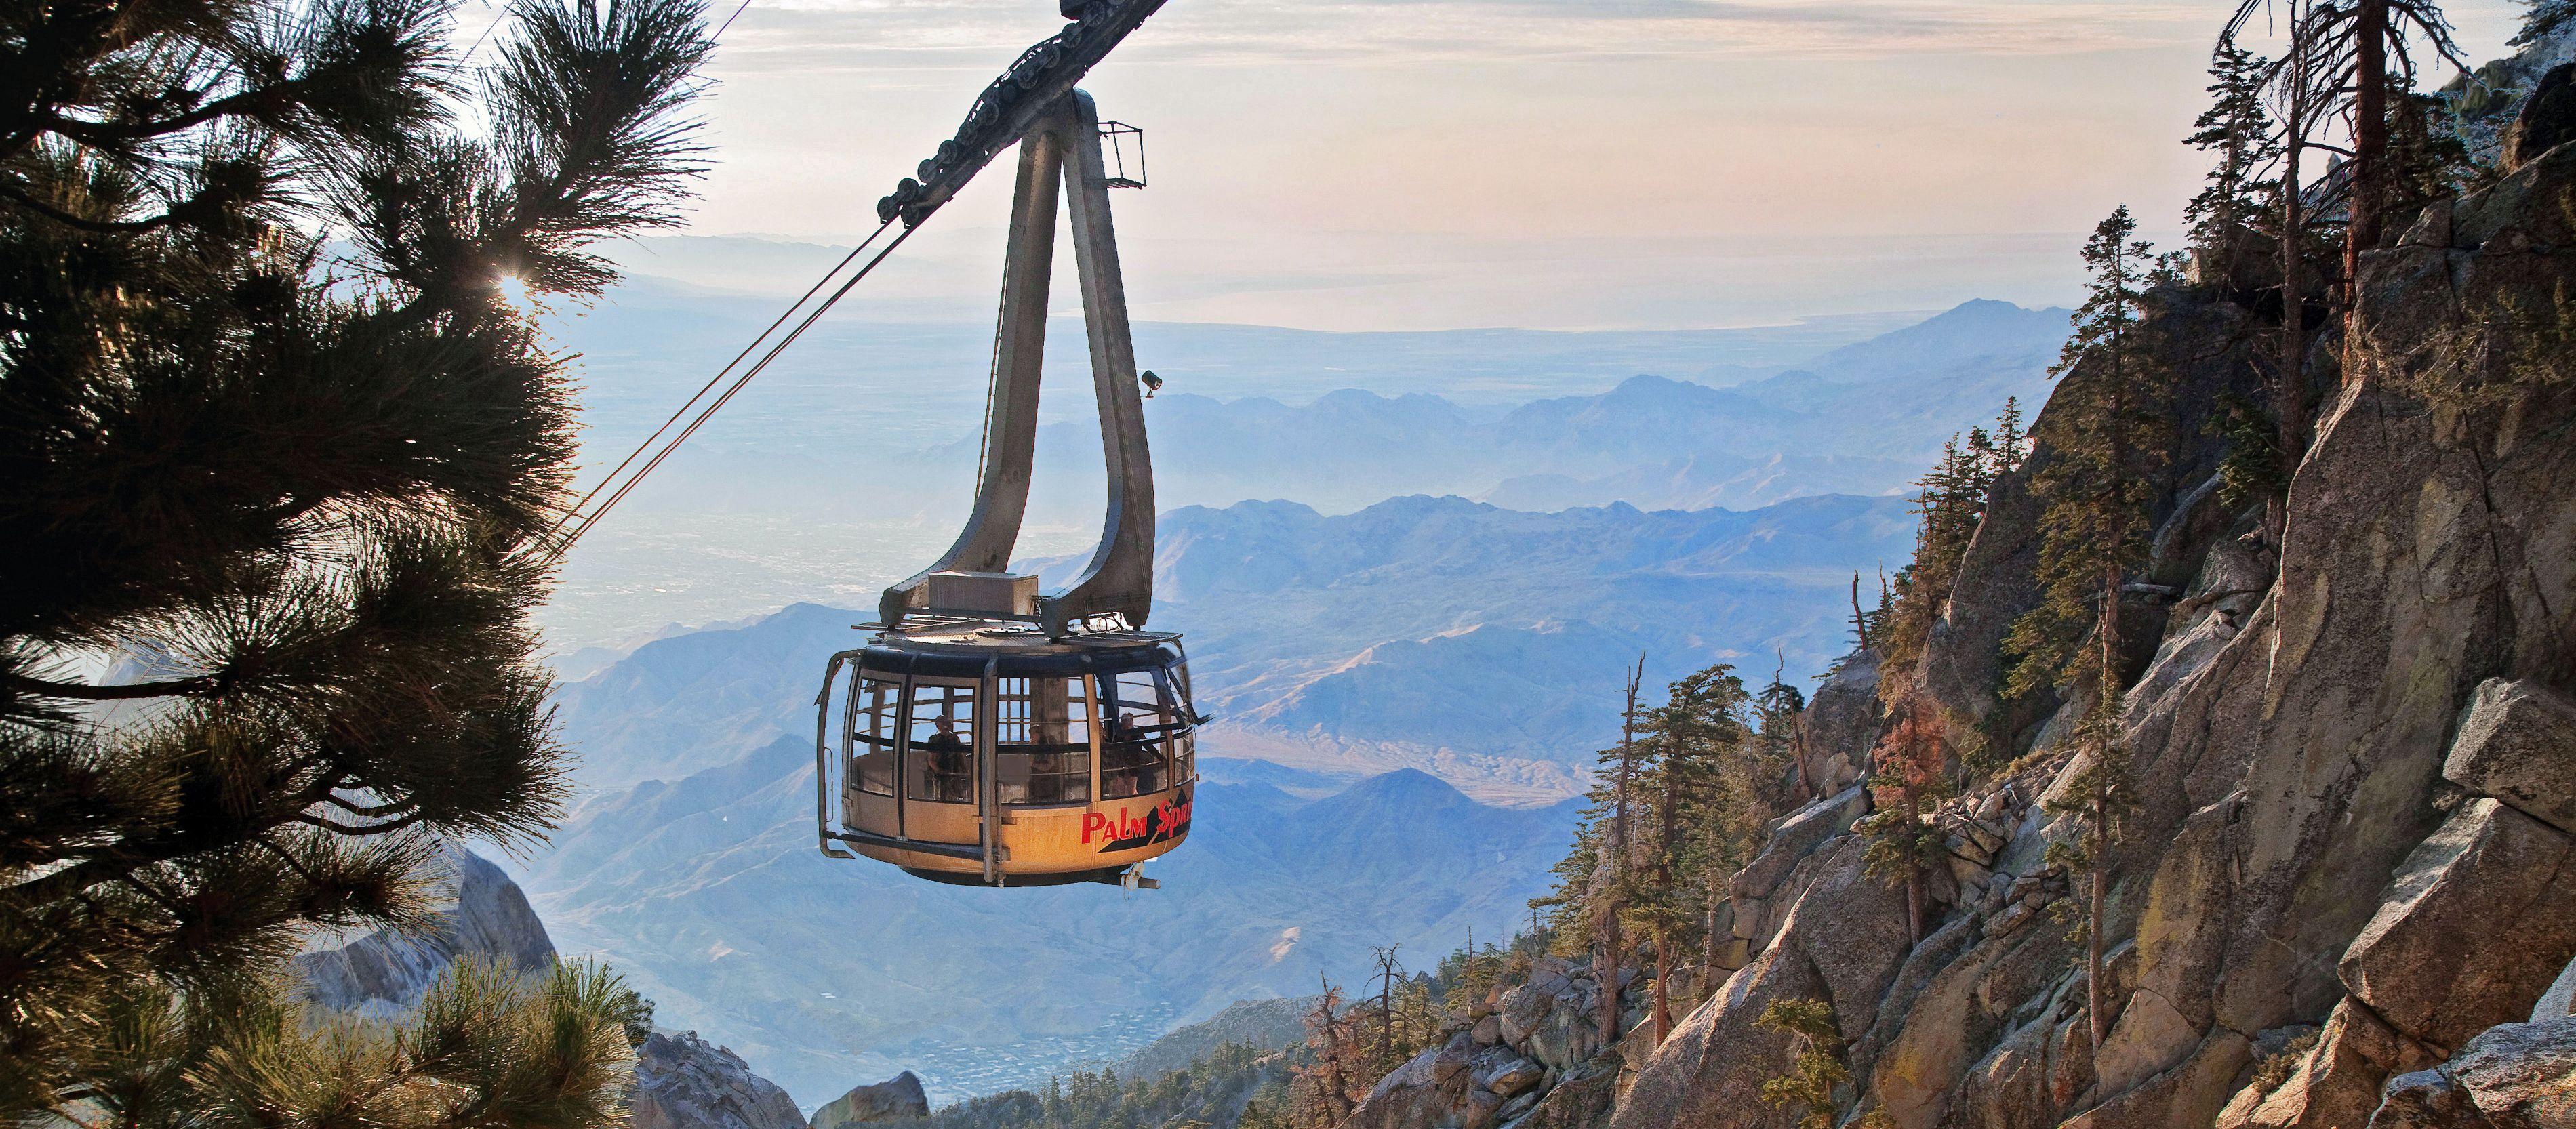 Aussicht auf die Palm Springs Aerial Tramway